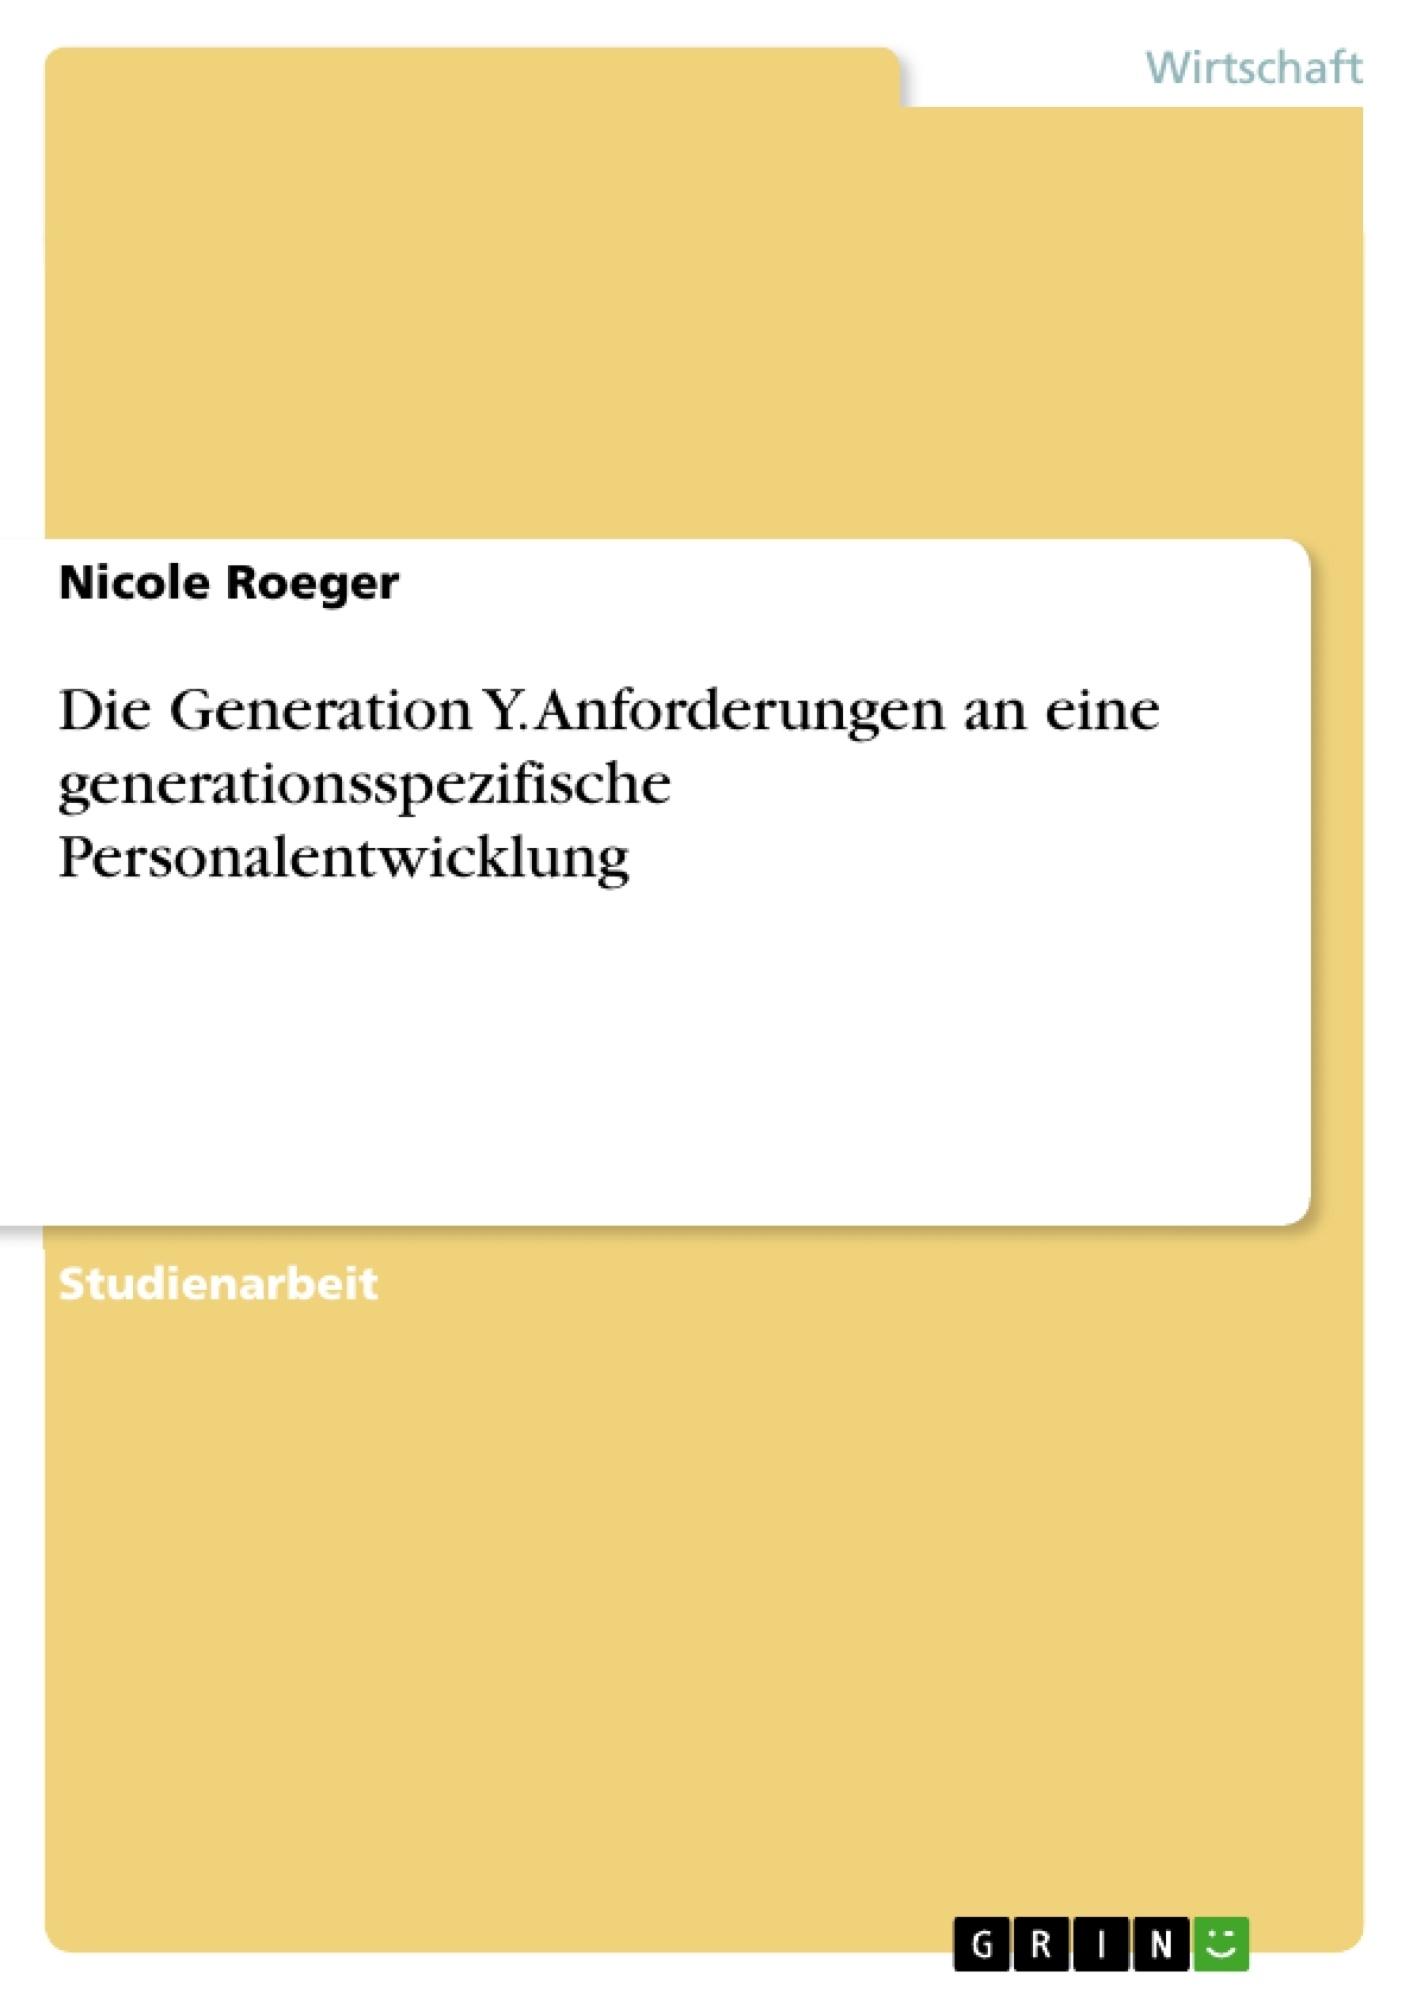 Titel: Die Generation Y. Anforderungen an eine generationsspezifische Personalentwicklung